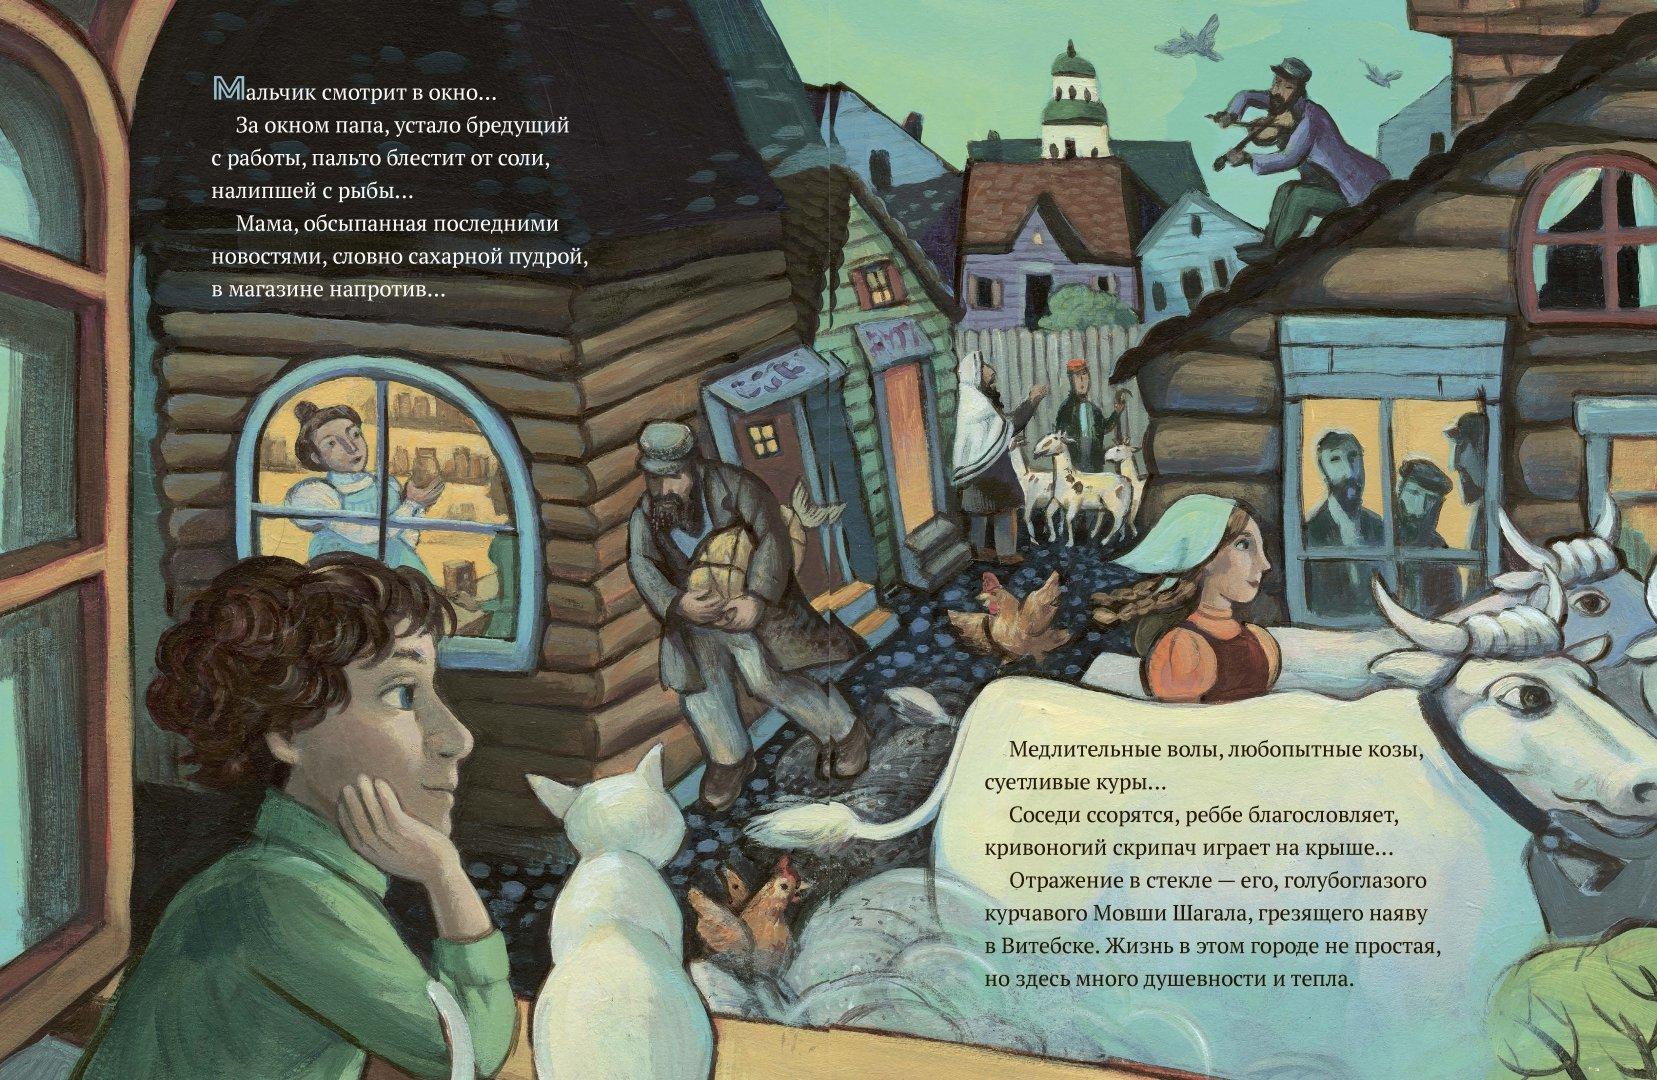 Иллюстрация 1 из 15 для Сквозь окно. Взгляд на жизнь и искусство Марка Шагала - Барбара Розенсток   Лабиринт - книги. Источник: Лабиринт